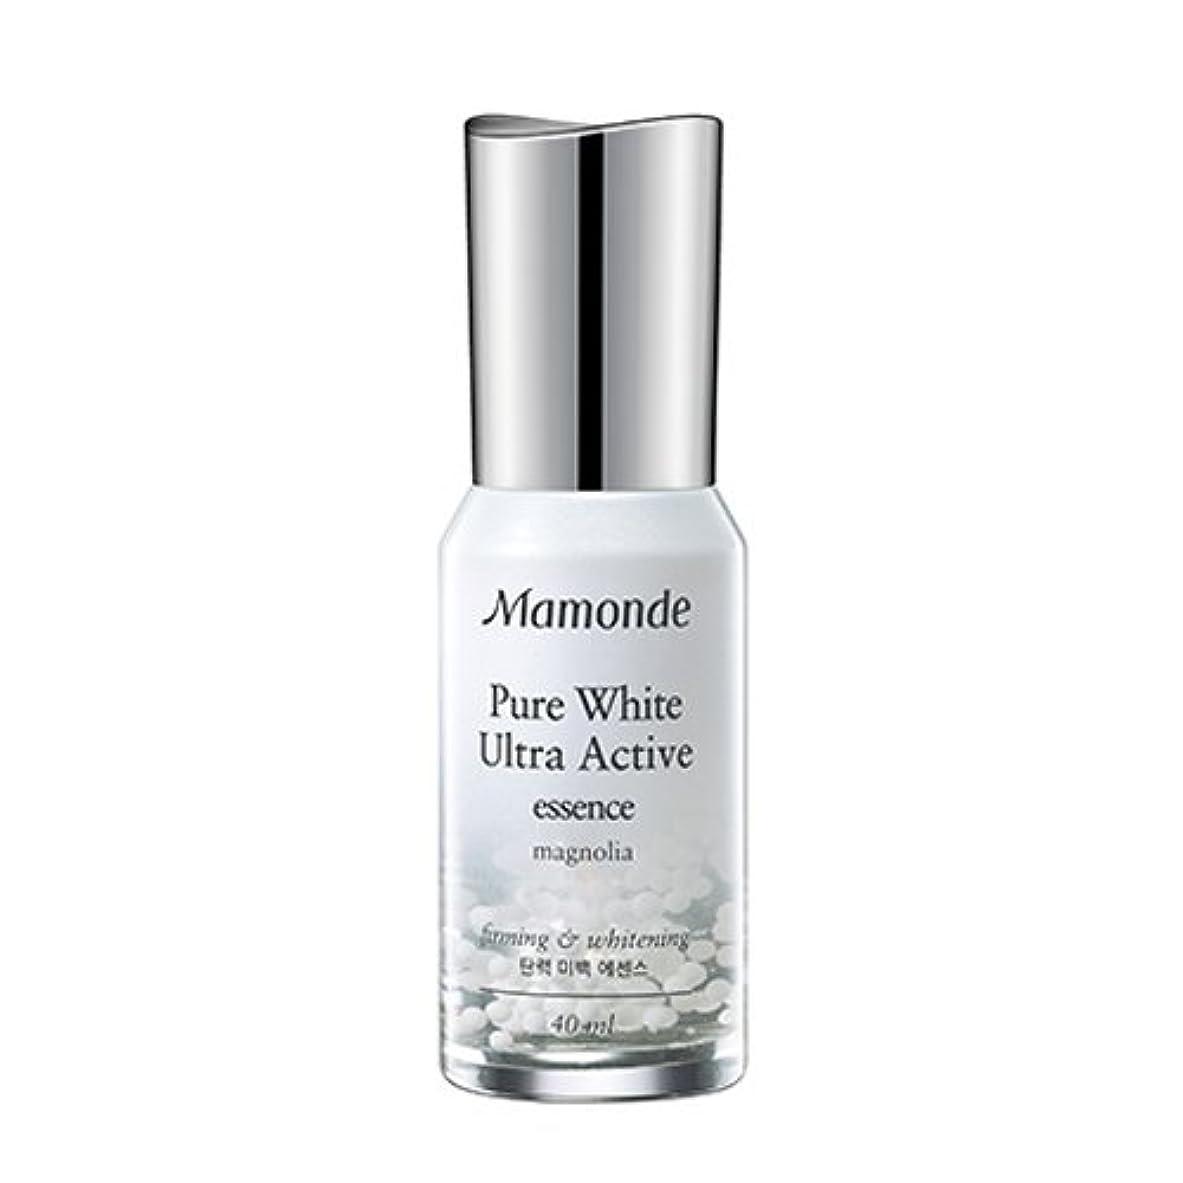 ファイバメモいたずらなMamonde Pure White Ultra Active Essence 40ml/マモンド ピュアホワイト ウルトラ アクティブ エッセンス 40ml